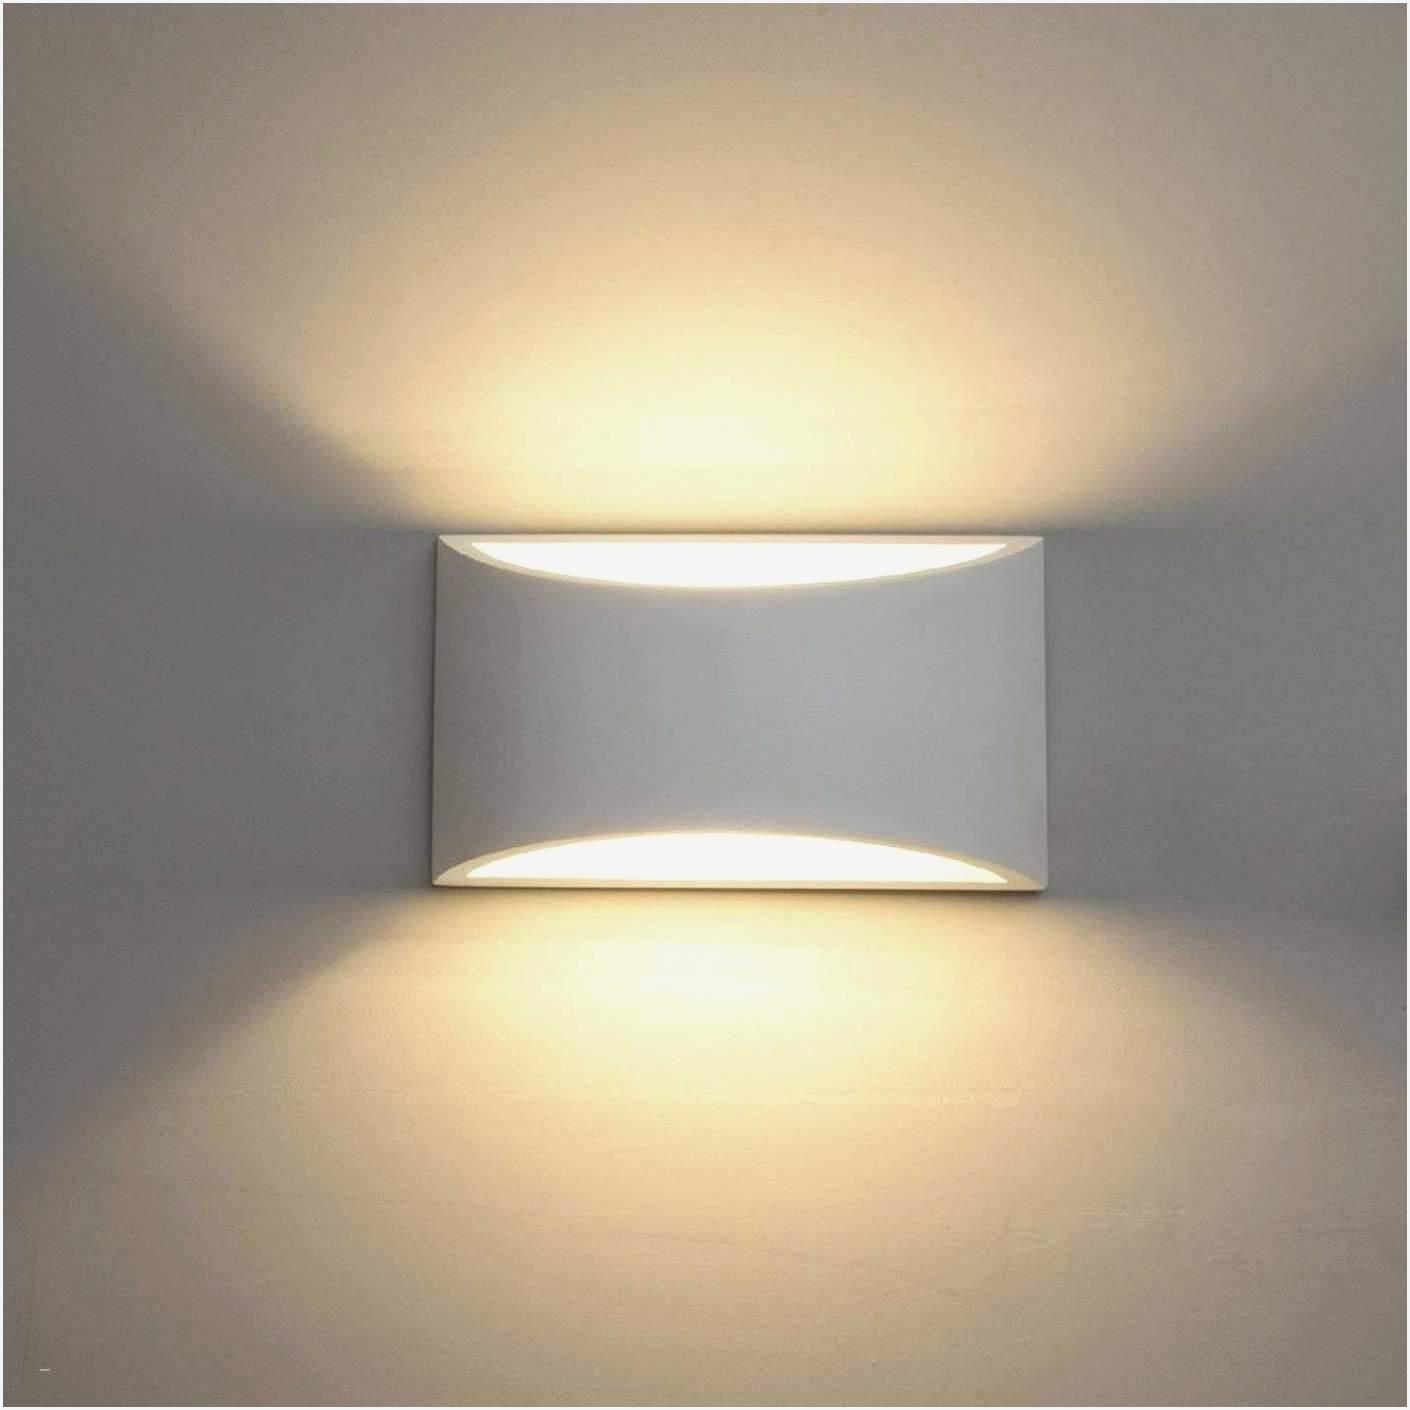 Full Size of Wohnzimmer Deckenlampe Deckenleuchte Ikea Holz Deckenlampen Modern Led Mit Fernbedienung Deckenleuchten Lampe Indirekte Beleuchtung Gardinen Vorhänge Vitrine Wohnzimmer Wohnzimmer Deckenlampe